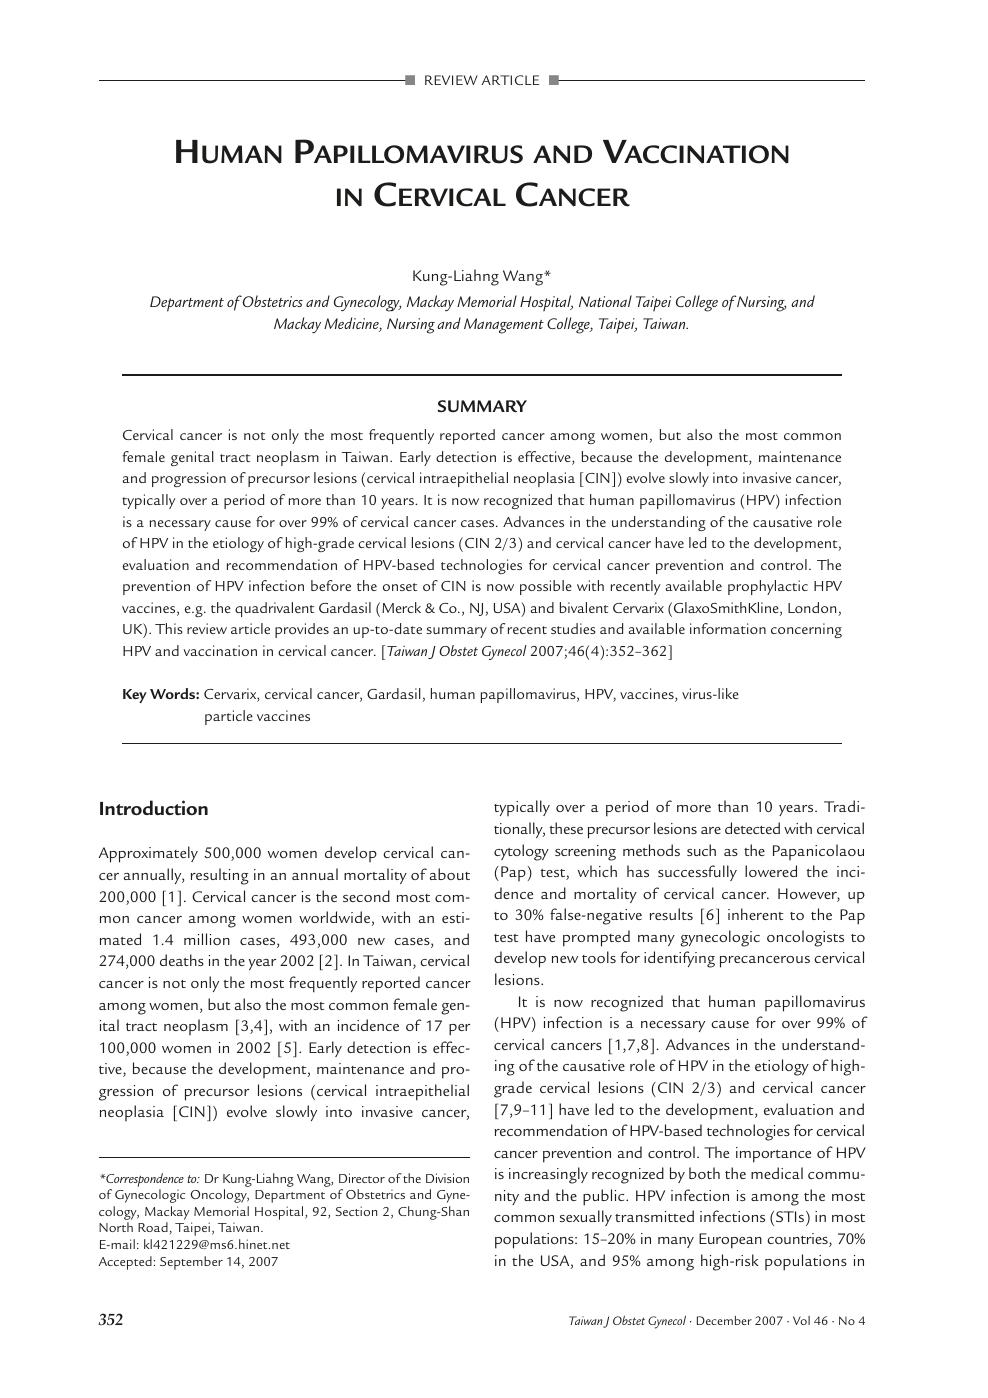 human papillomavirus article